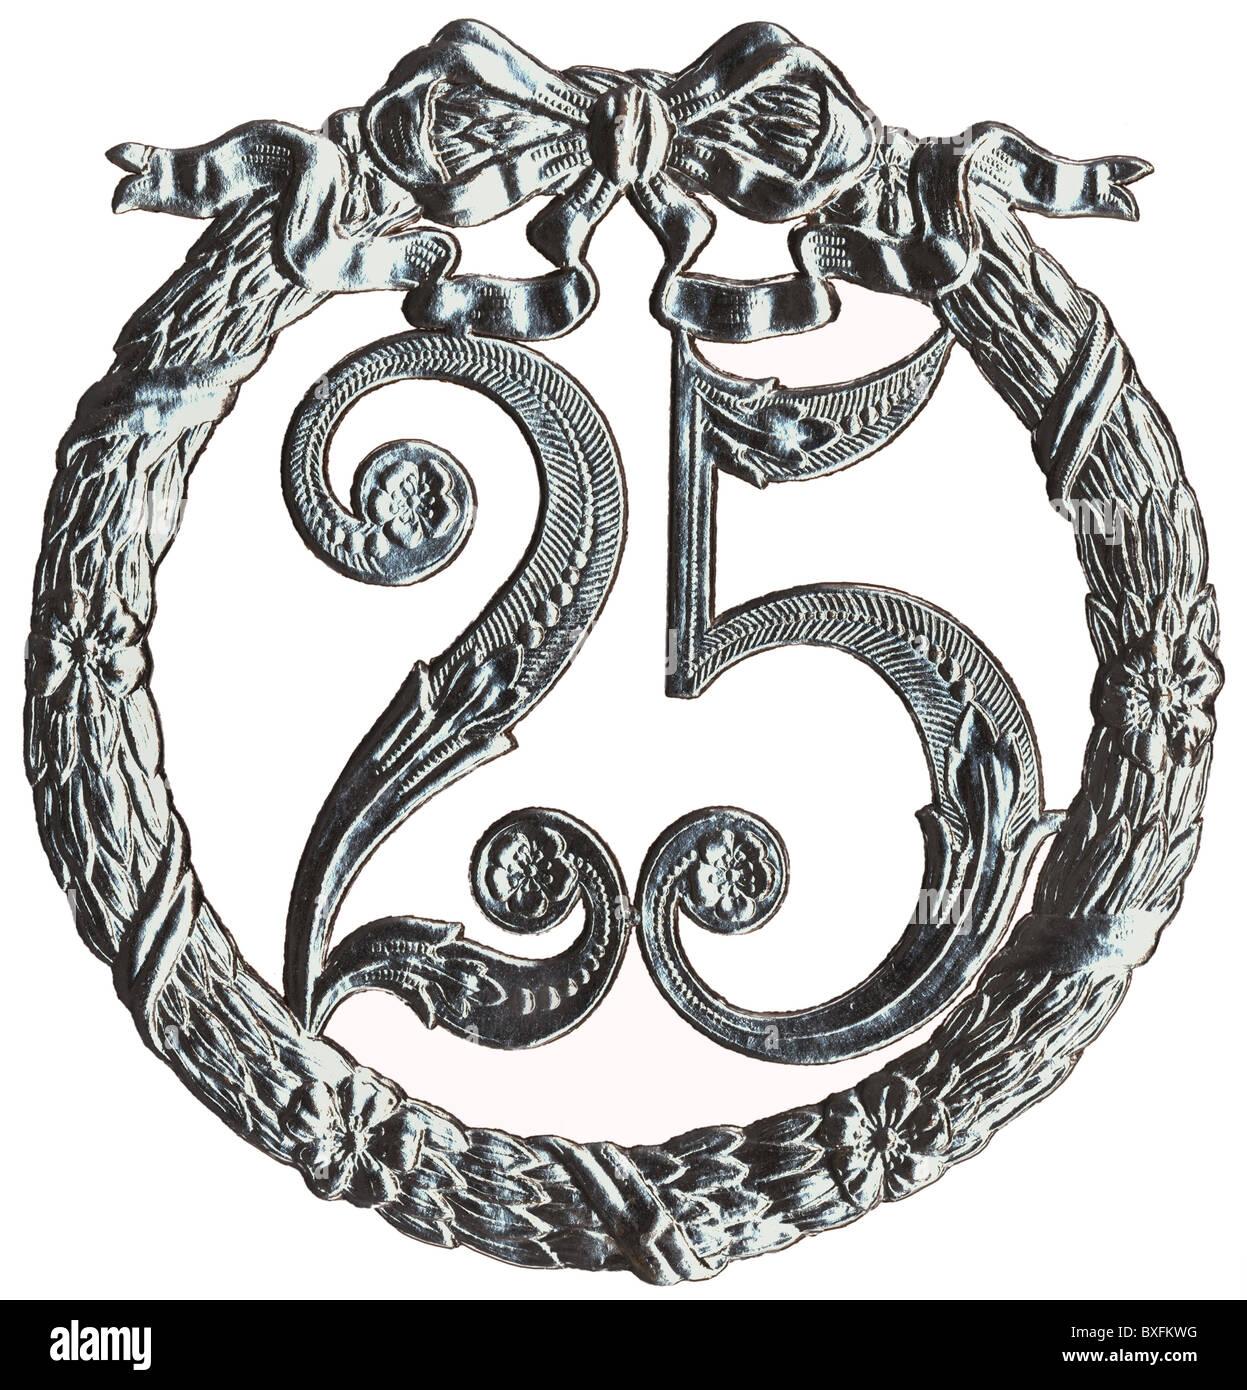 Deutschland Ca 1930 Jubilaum Jahrestag Jahrestage Jubilaen